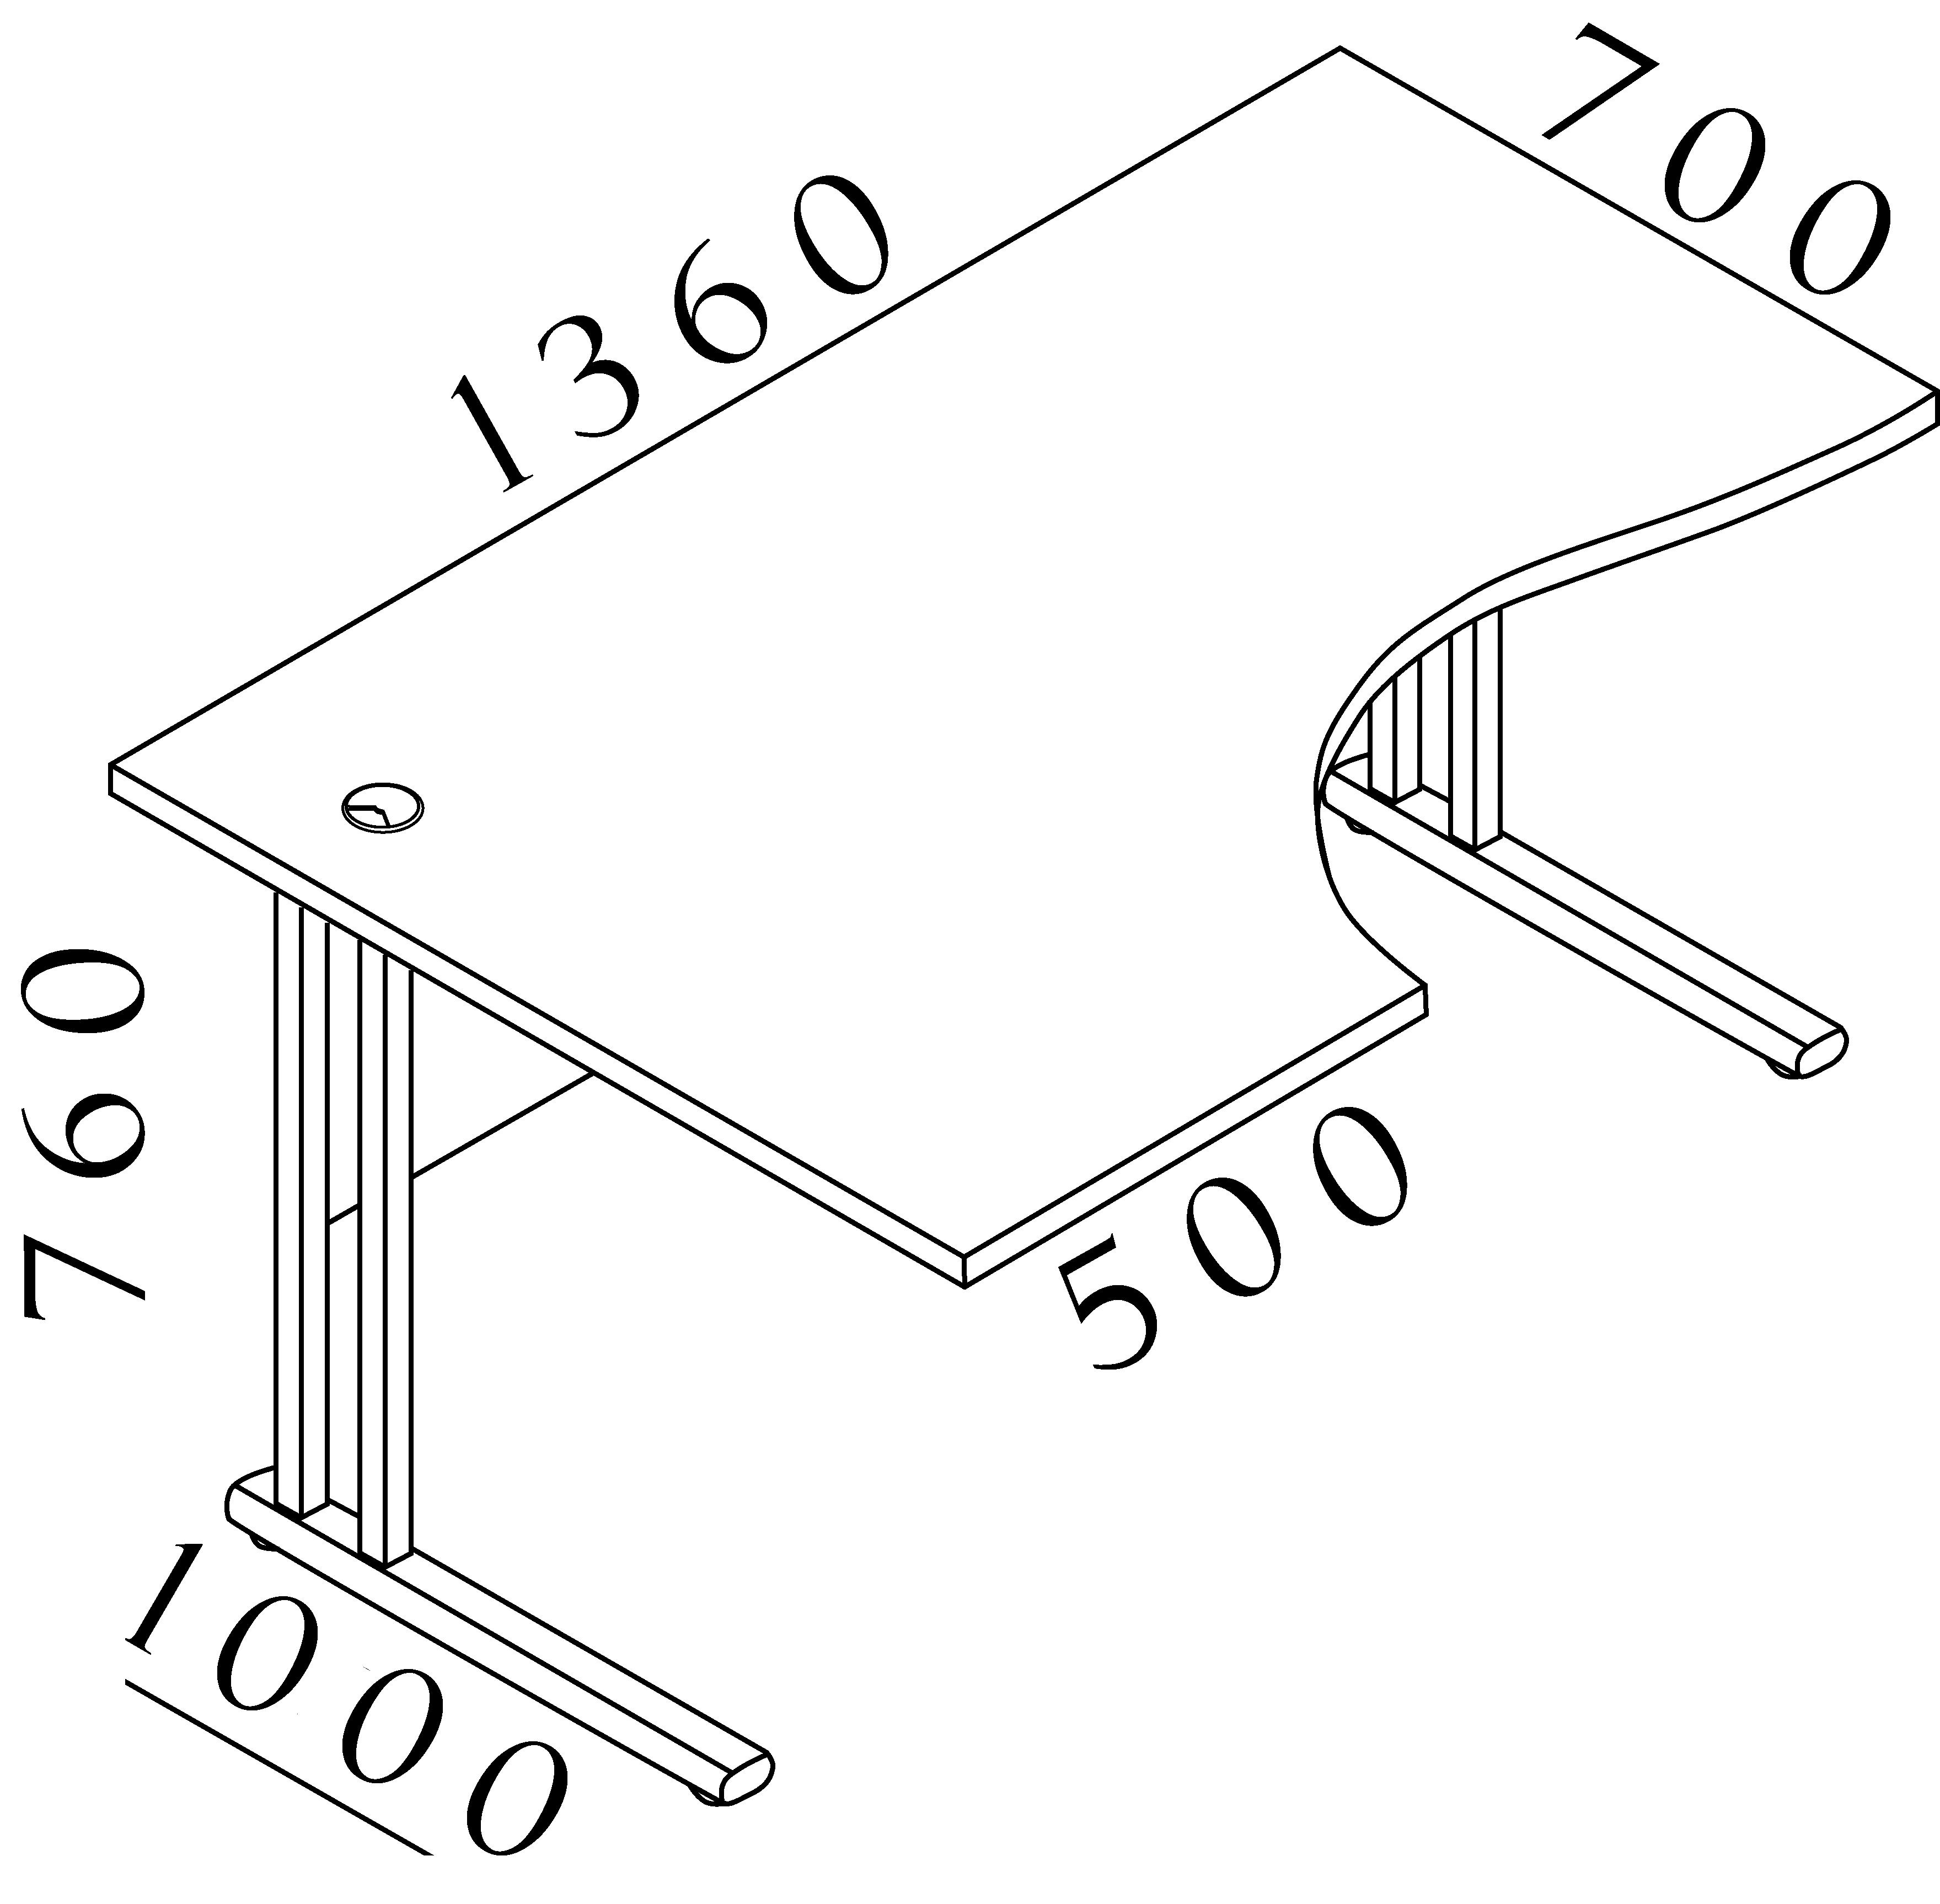 BPR19 19